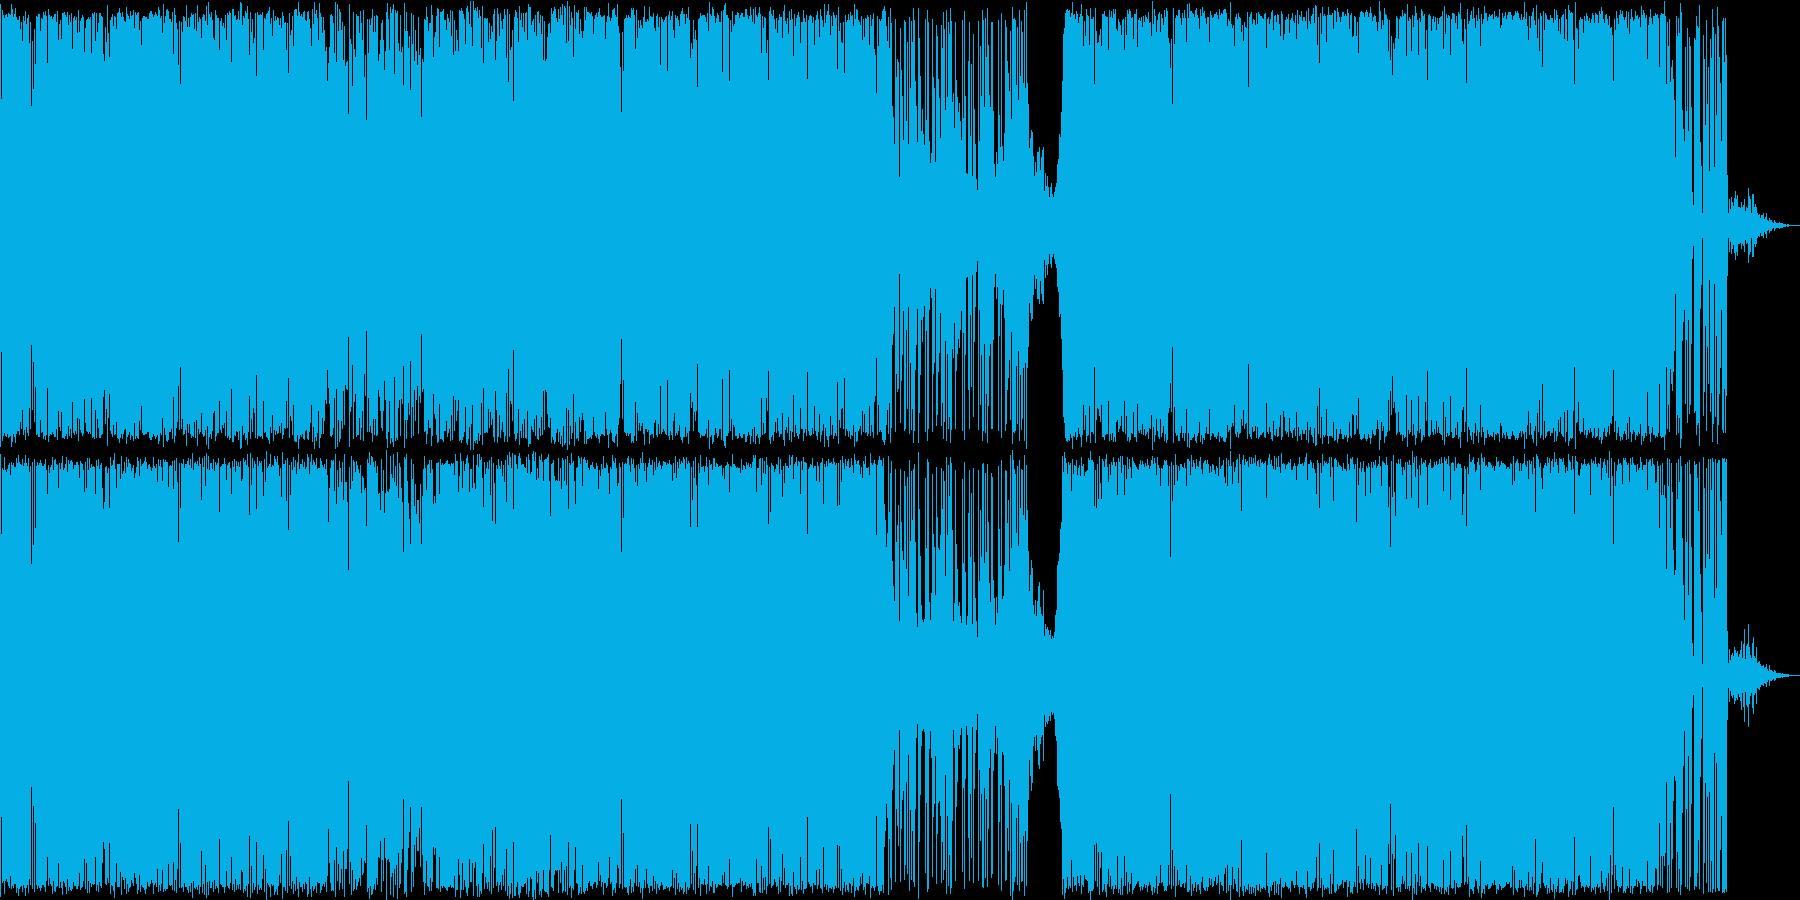 「わくわく突き進むイメージのBGMの再生済みの波形